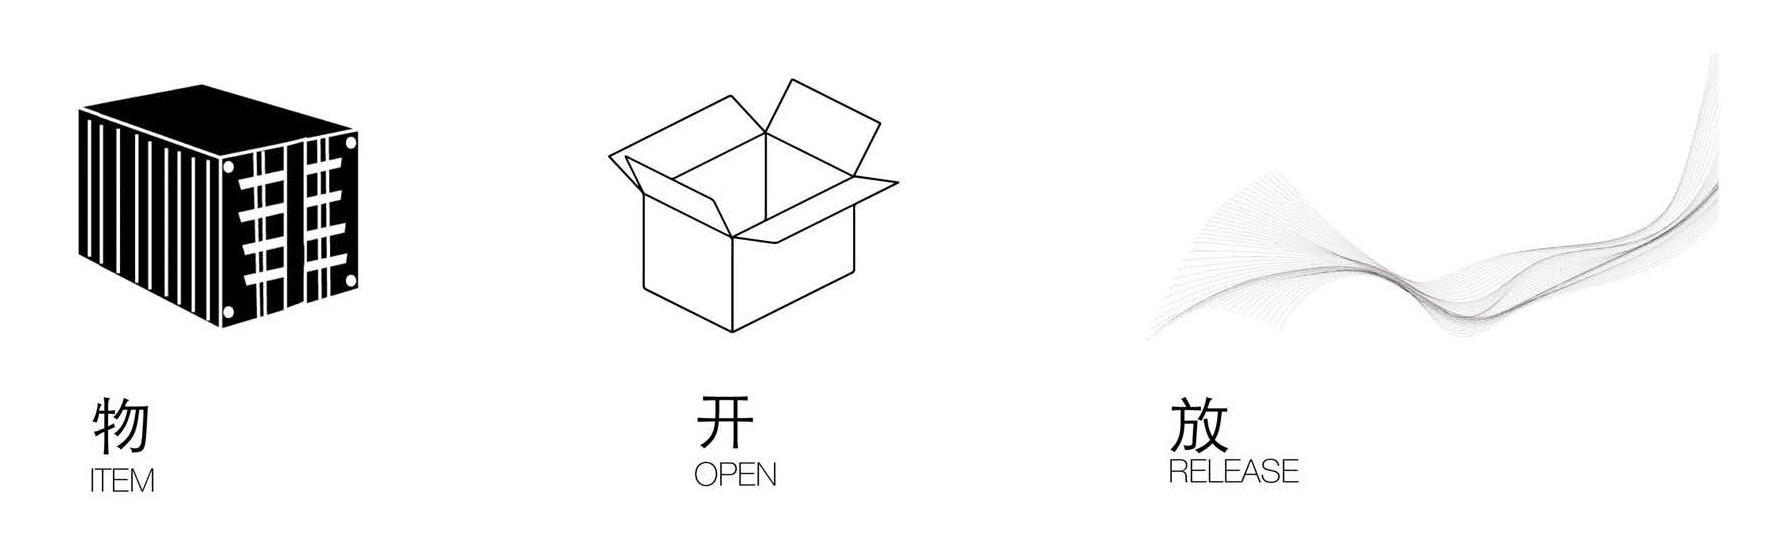 Concept Sketch_Page_26 @.jpg